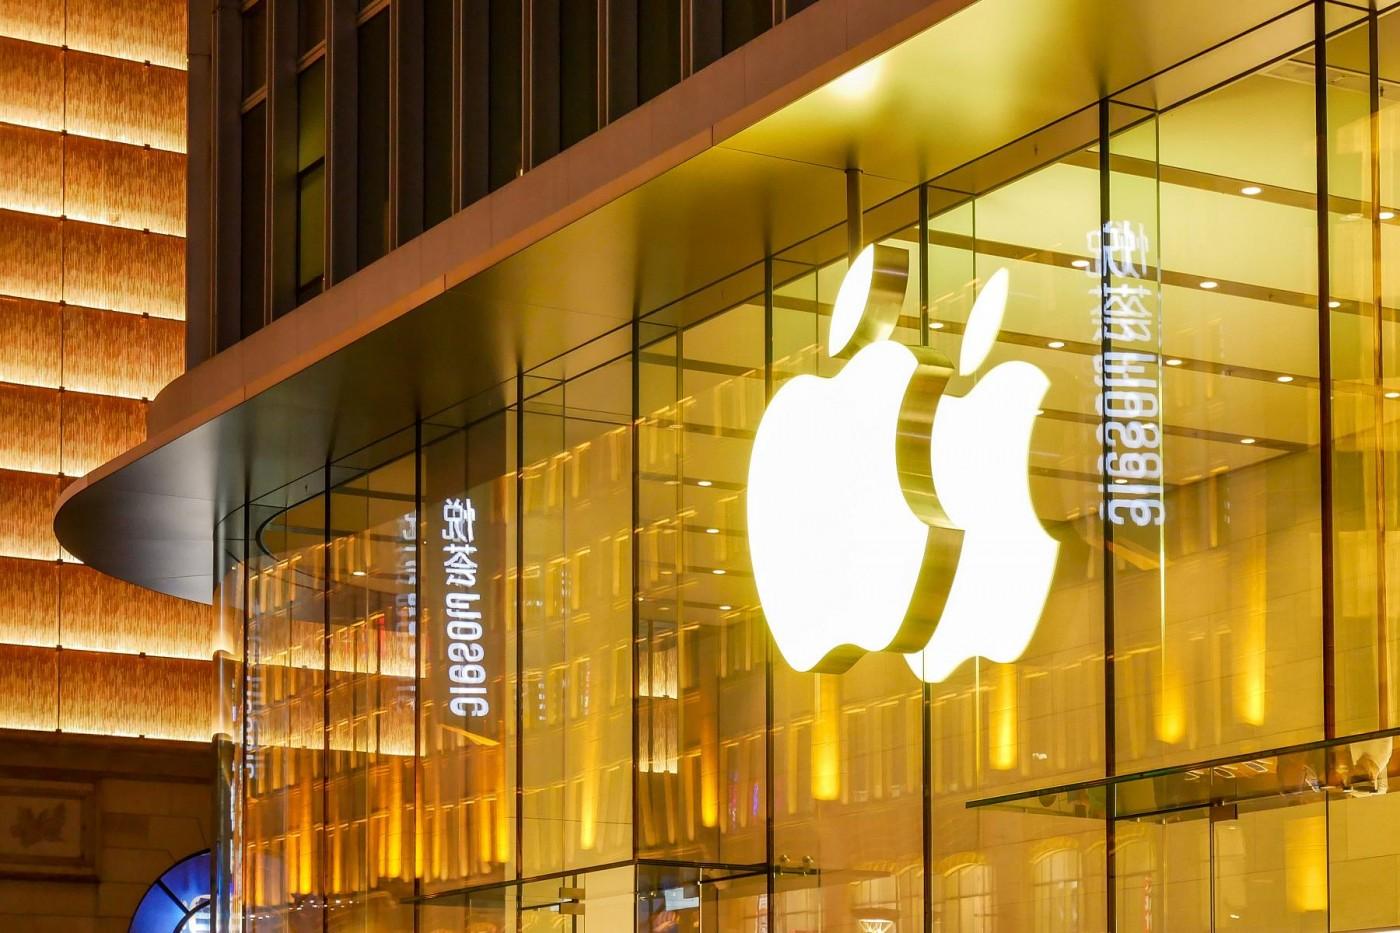 2018美國品牌聲量調查揭曉!為什麼Google和蘋果都跌出20名之外?